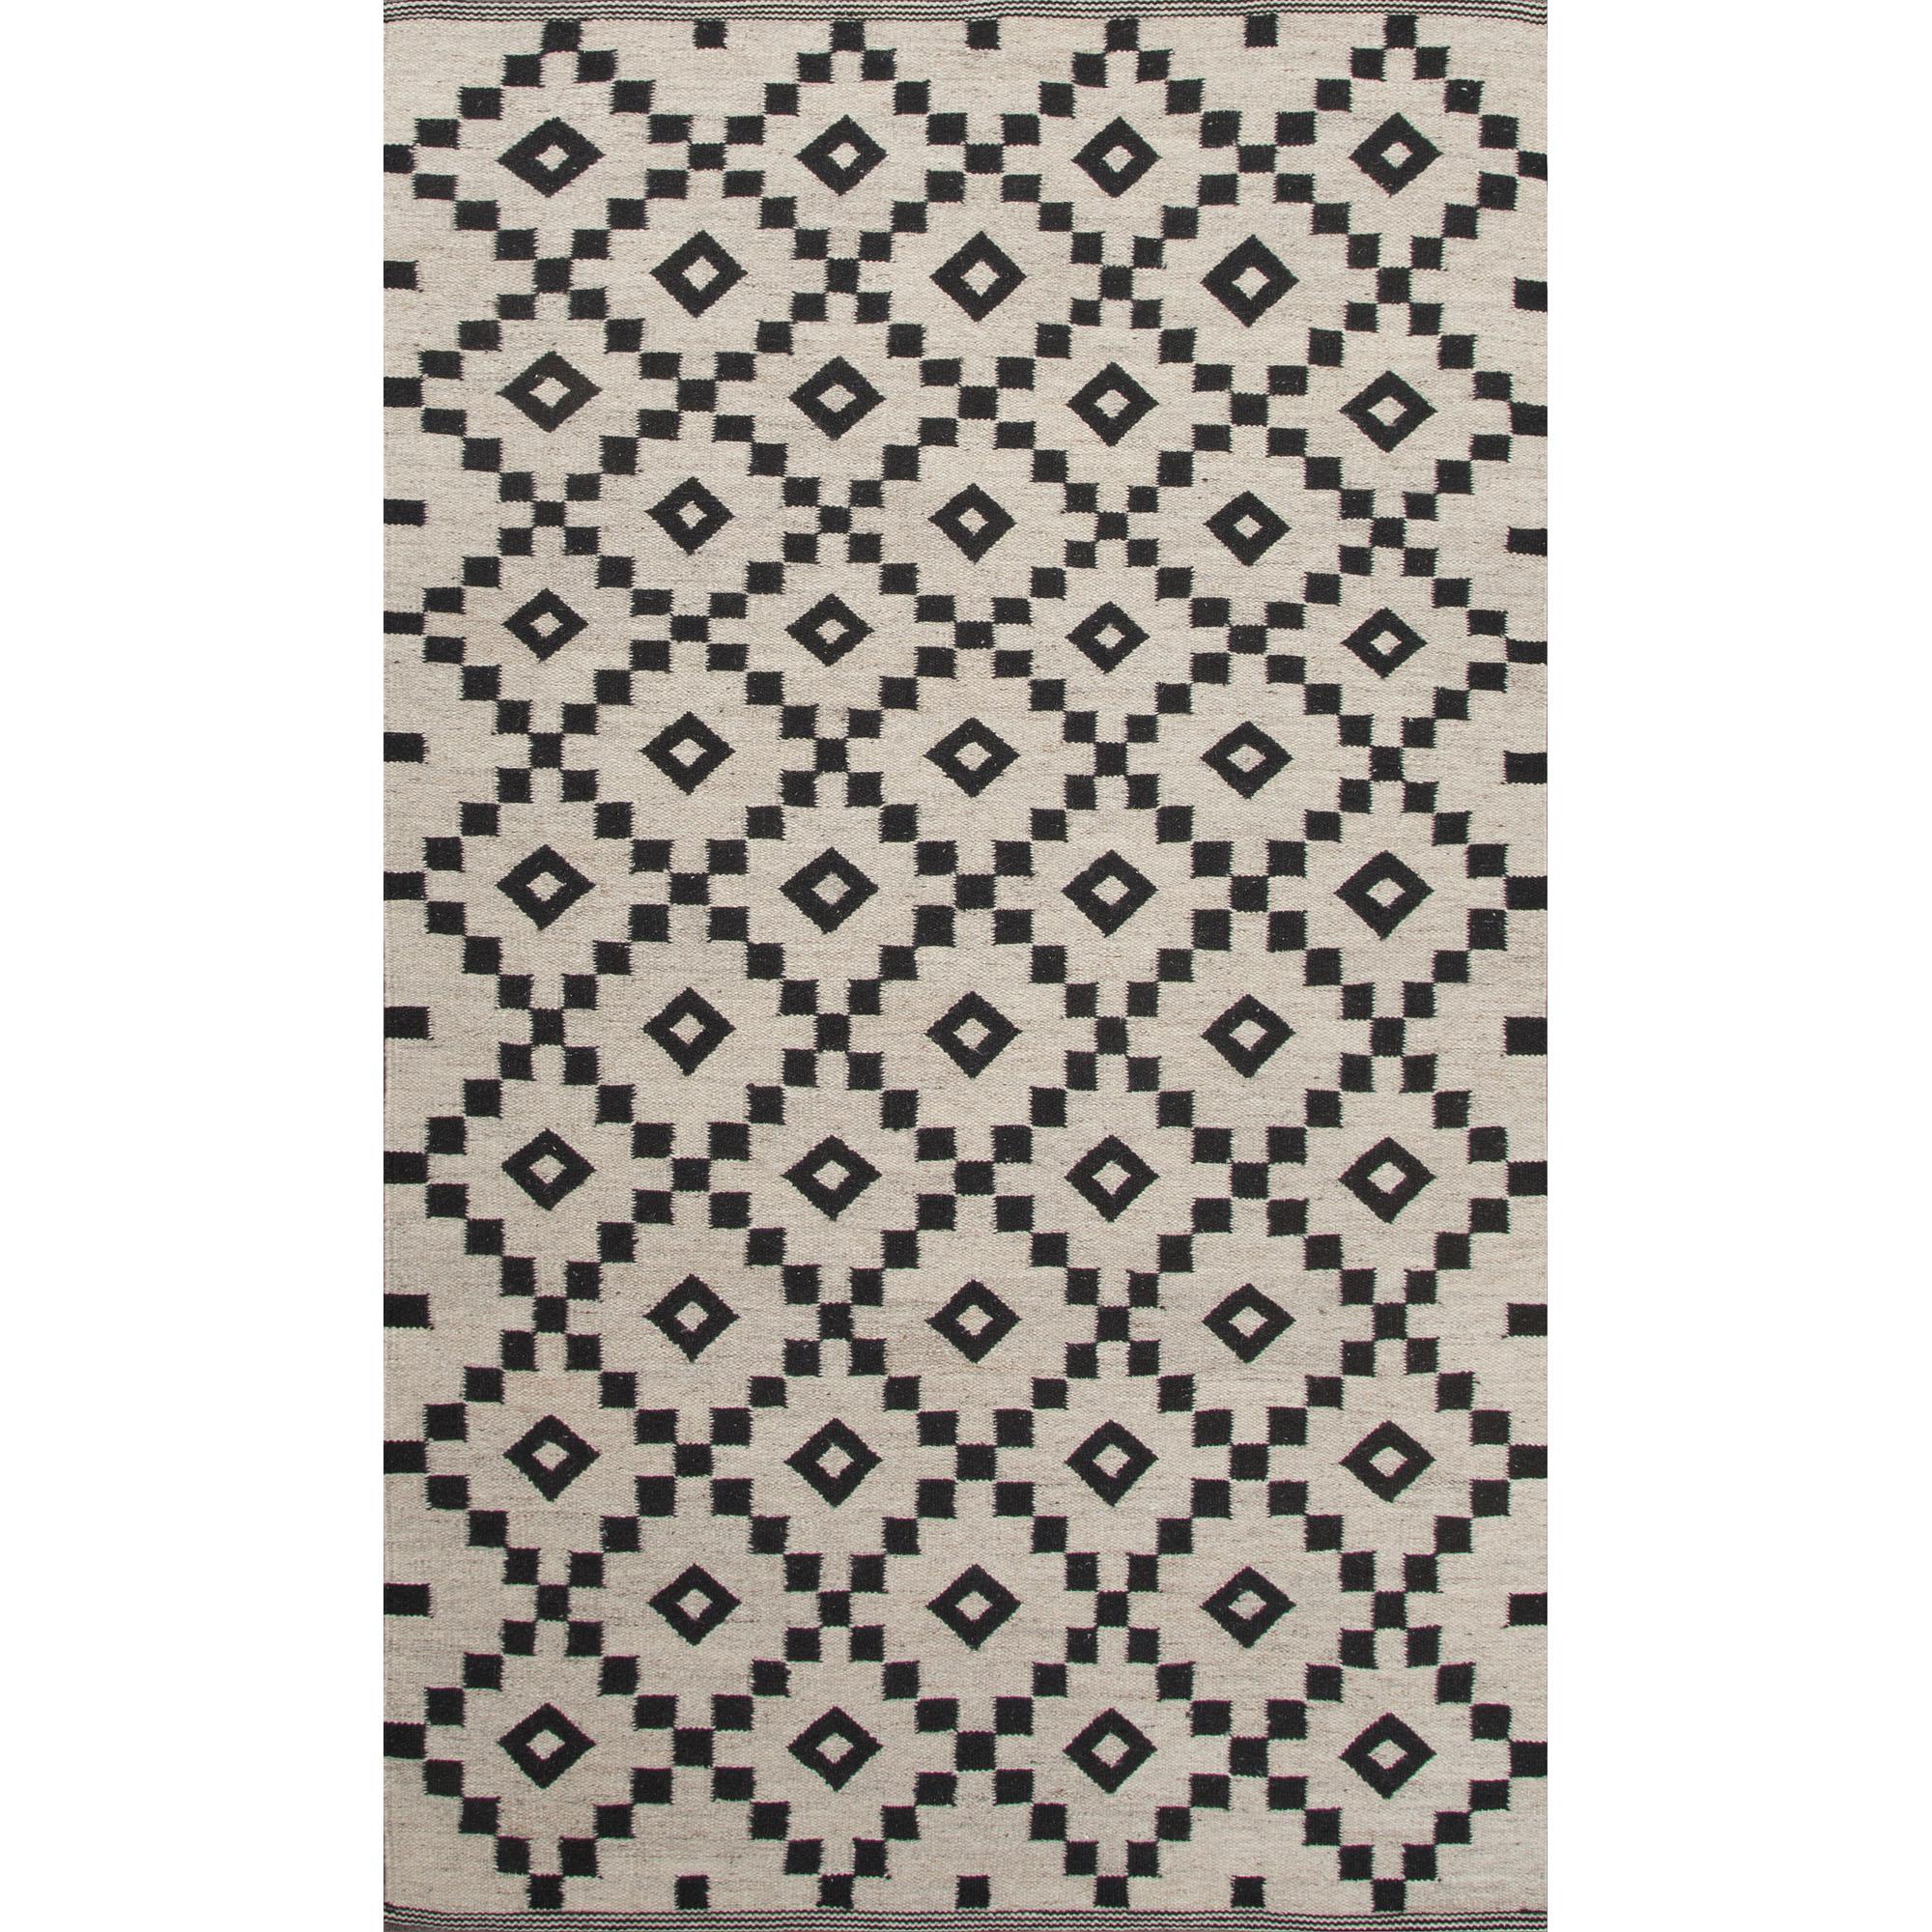 JAIPUR Rugs Scandinavia Nordic 8 x 10 Rug - Item Number: RUG113107